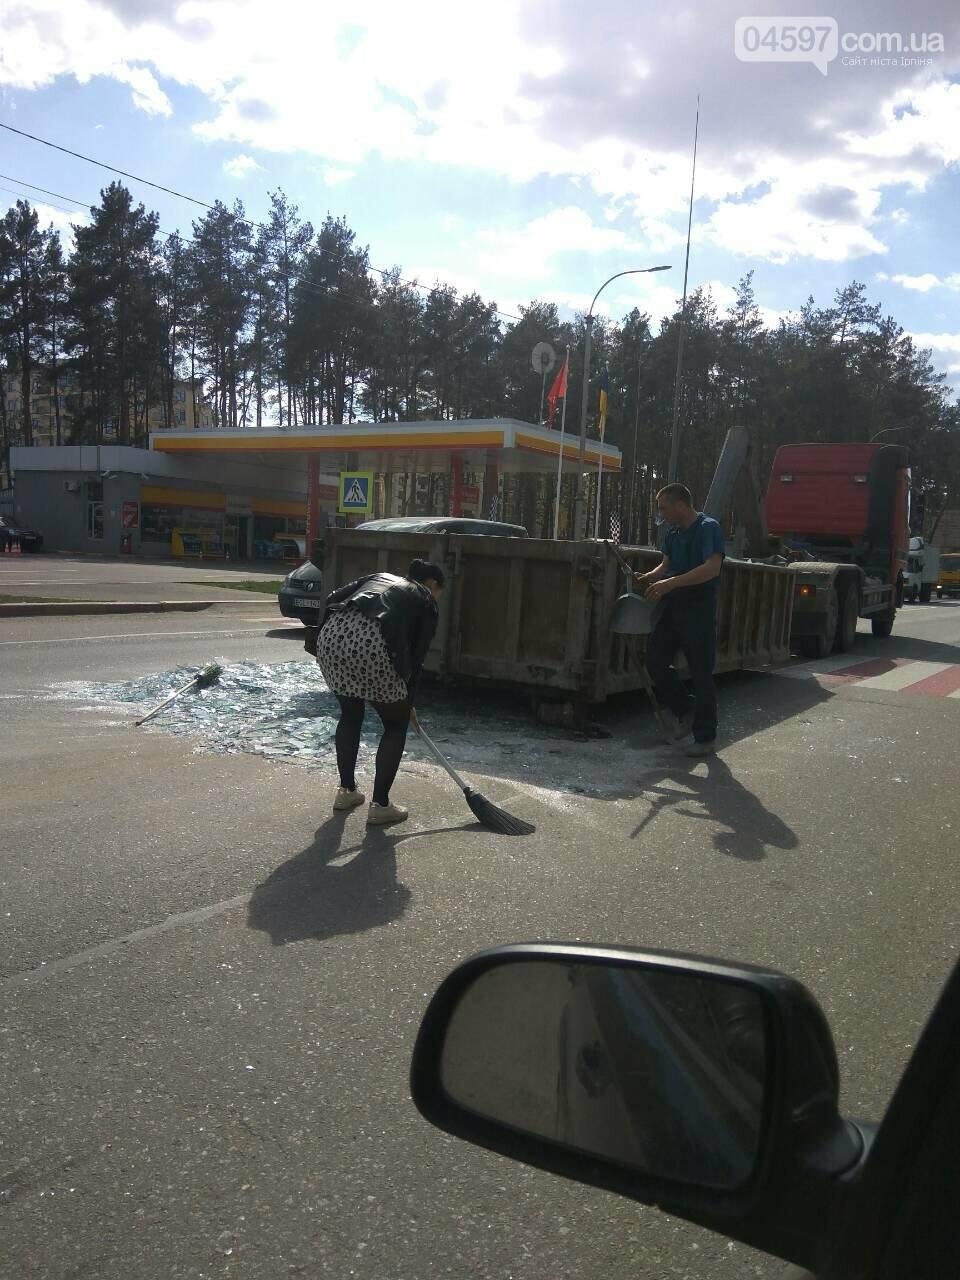 Увага водіям: на Варшавській трасі фура перекрила рух, фото-2